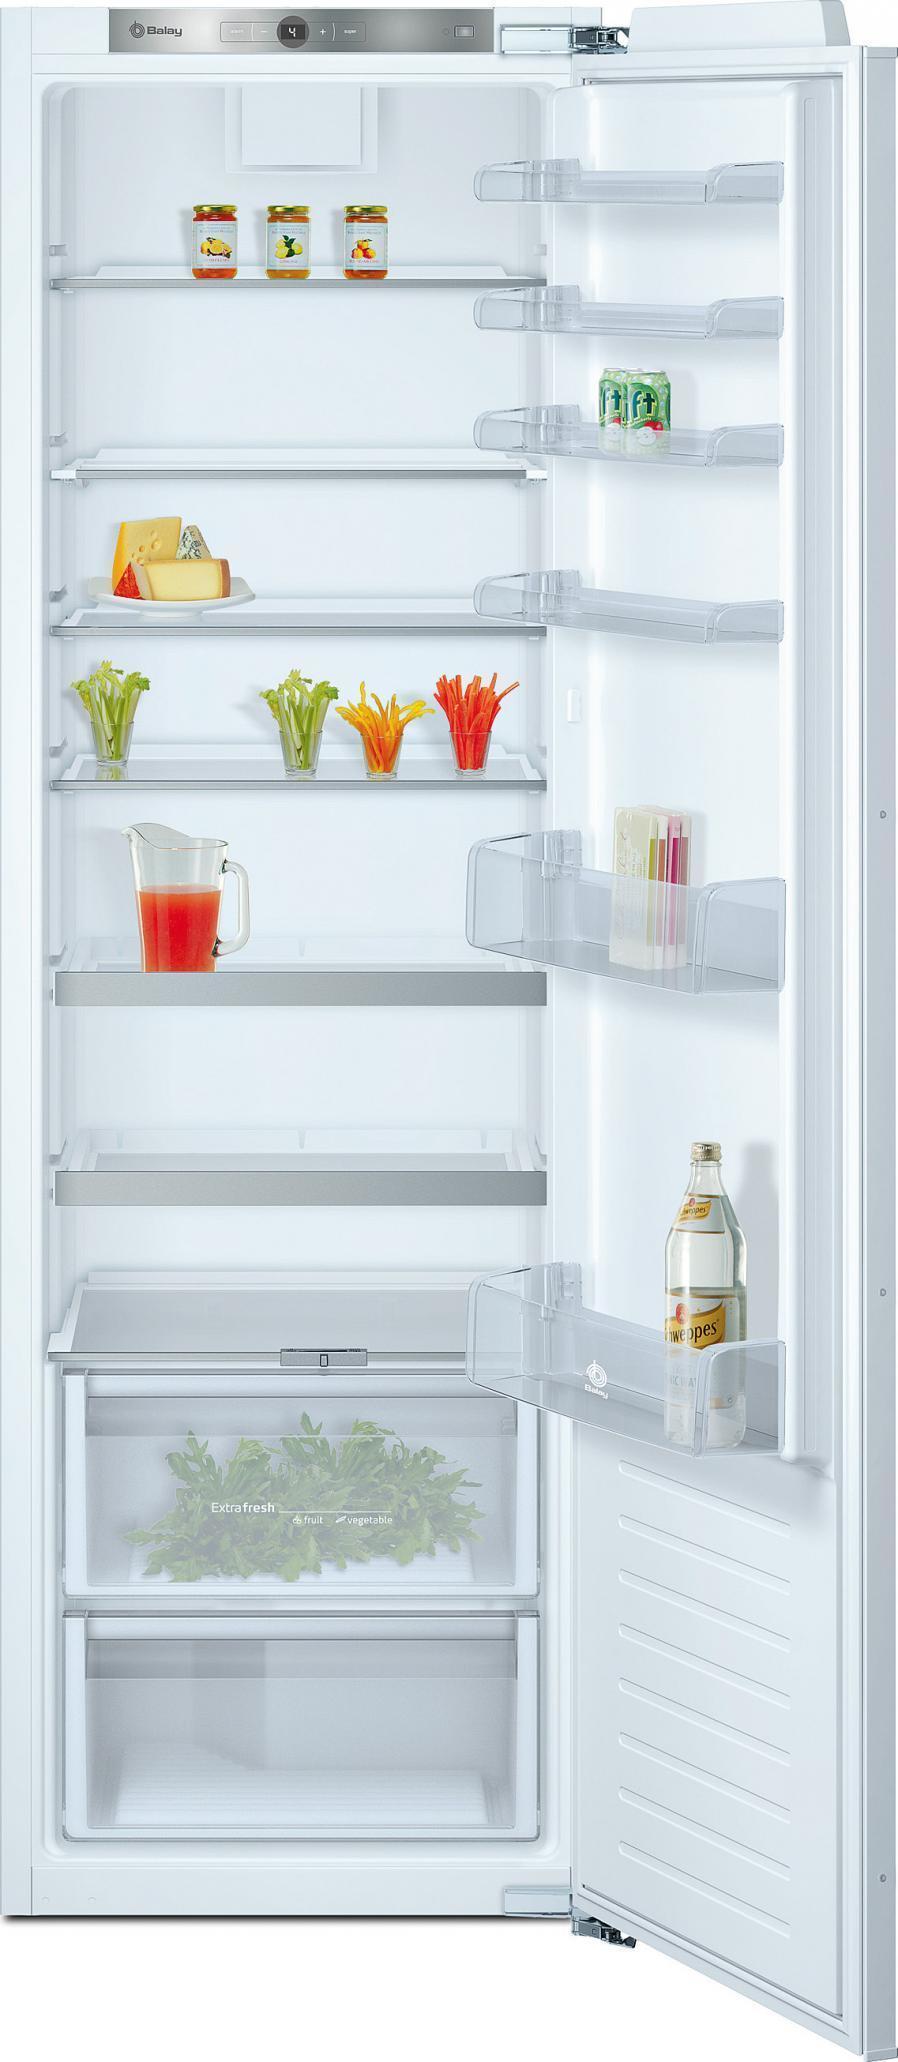 balay frigorifico 3fi7047s integrable 1p 177 a - Frigorificos Integrables